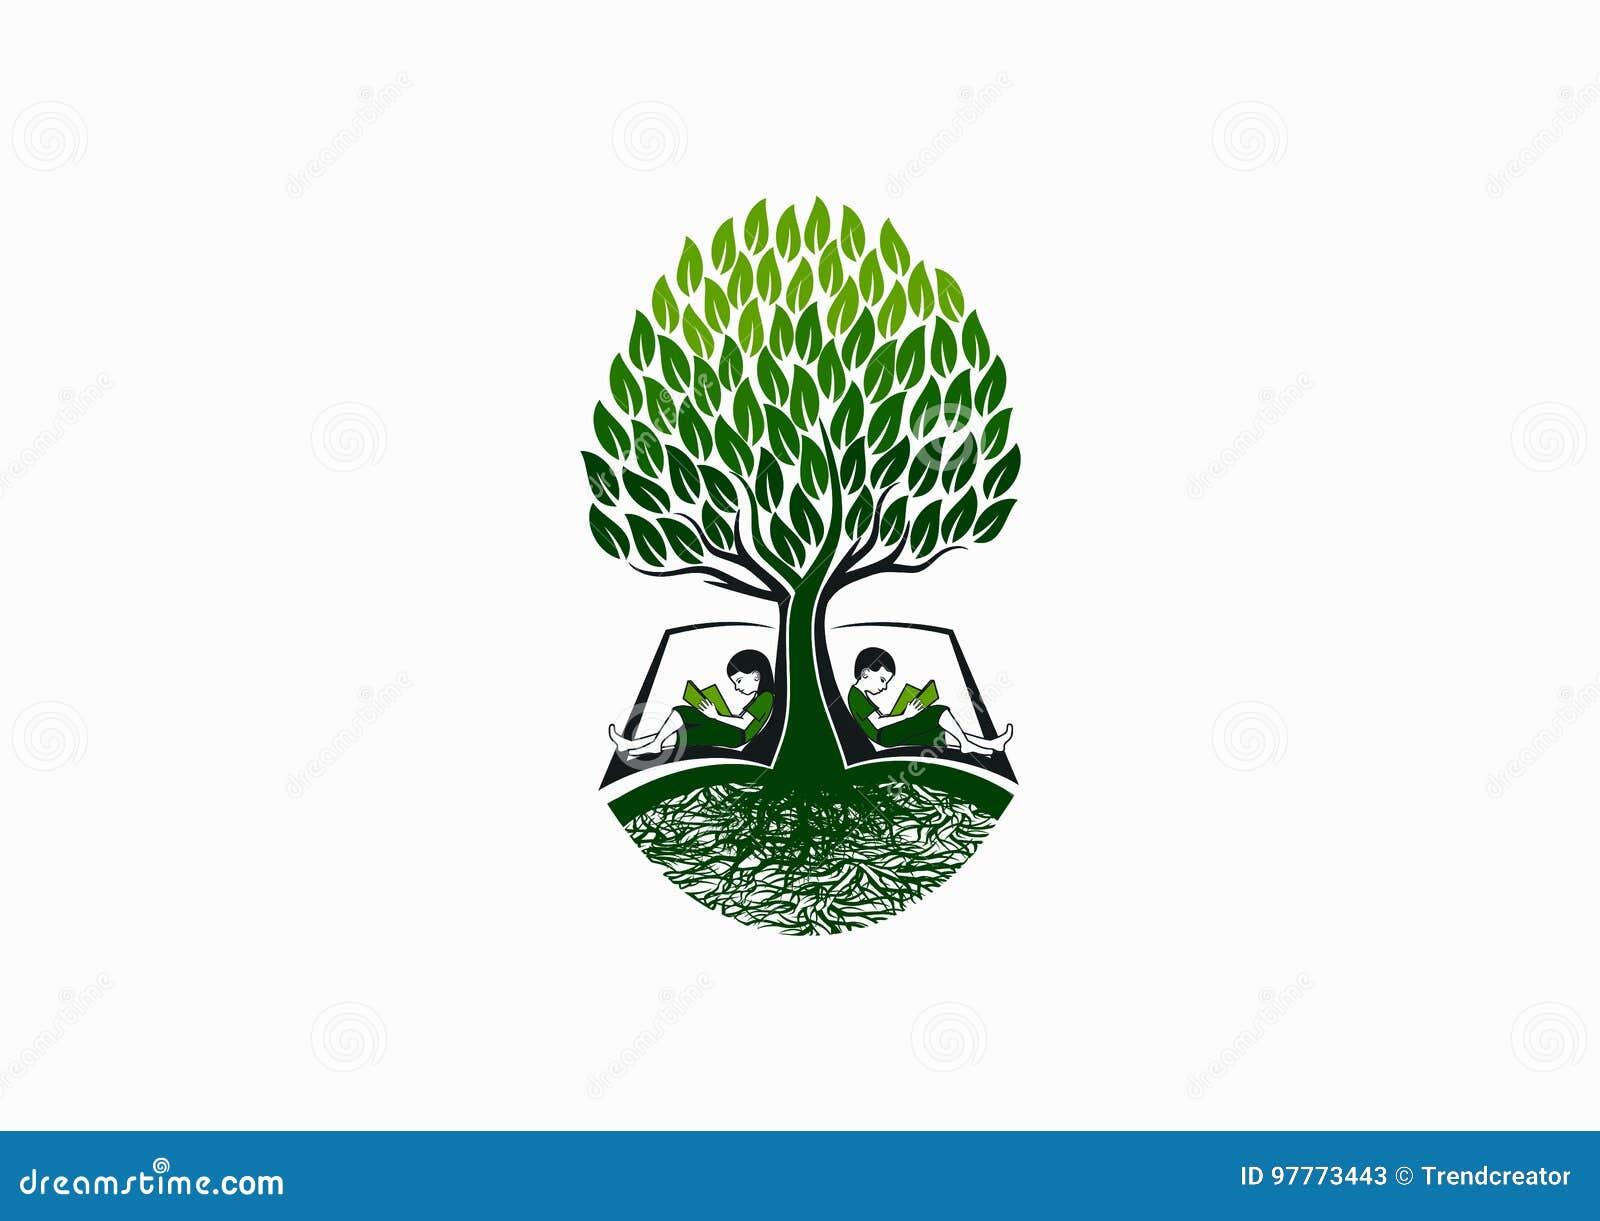 树教育商标、早期的书读者象、学校知识标志和自然童年学习构思设计